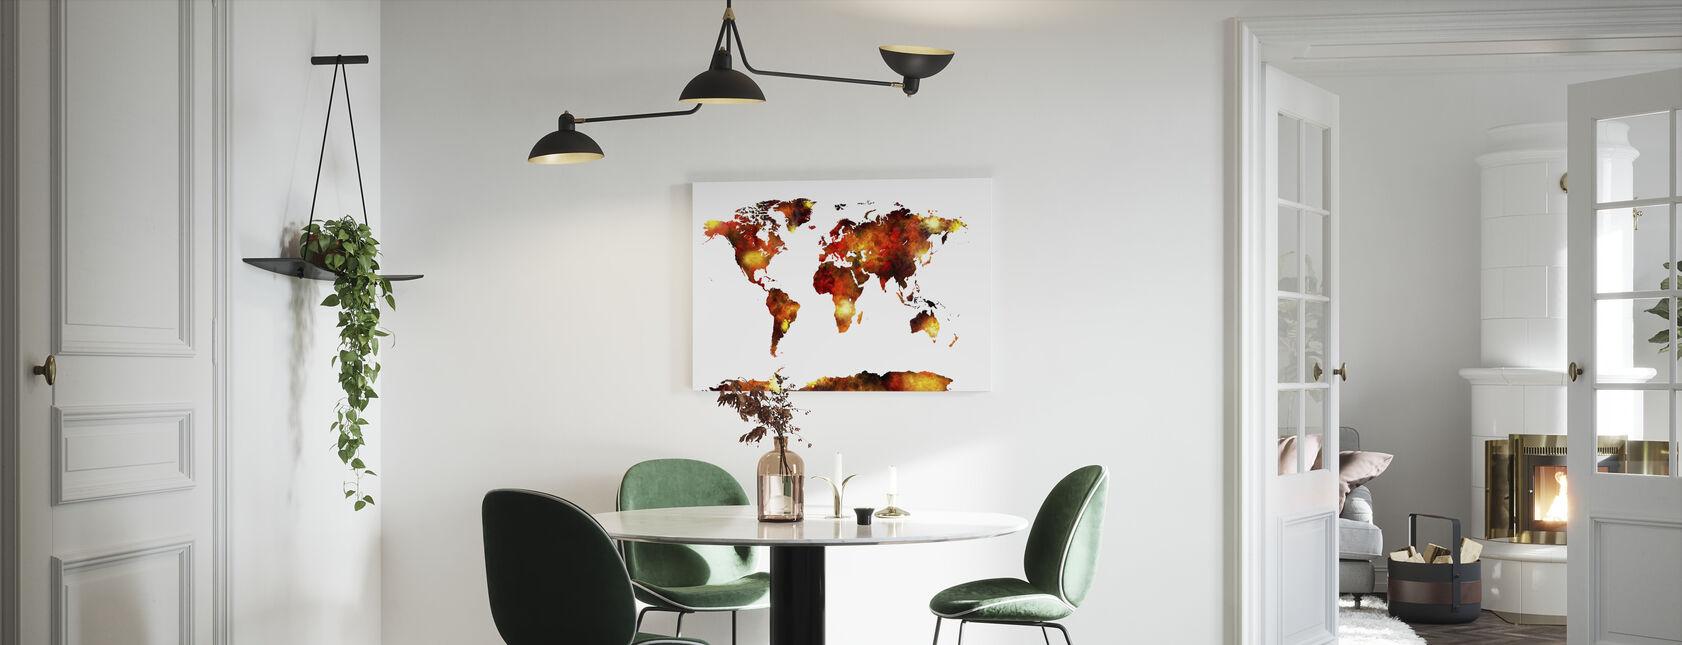 Akvarel verdenskort Orange - Billede på lærred - Køkken